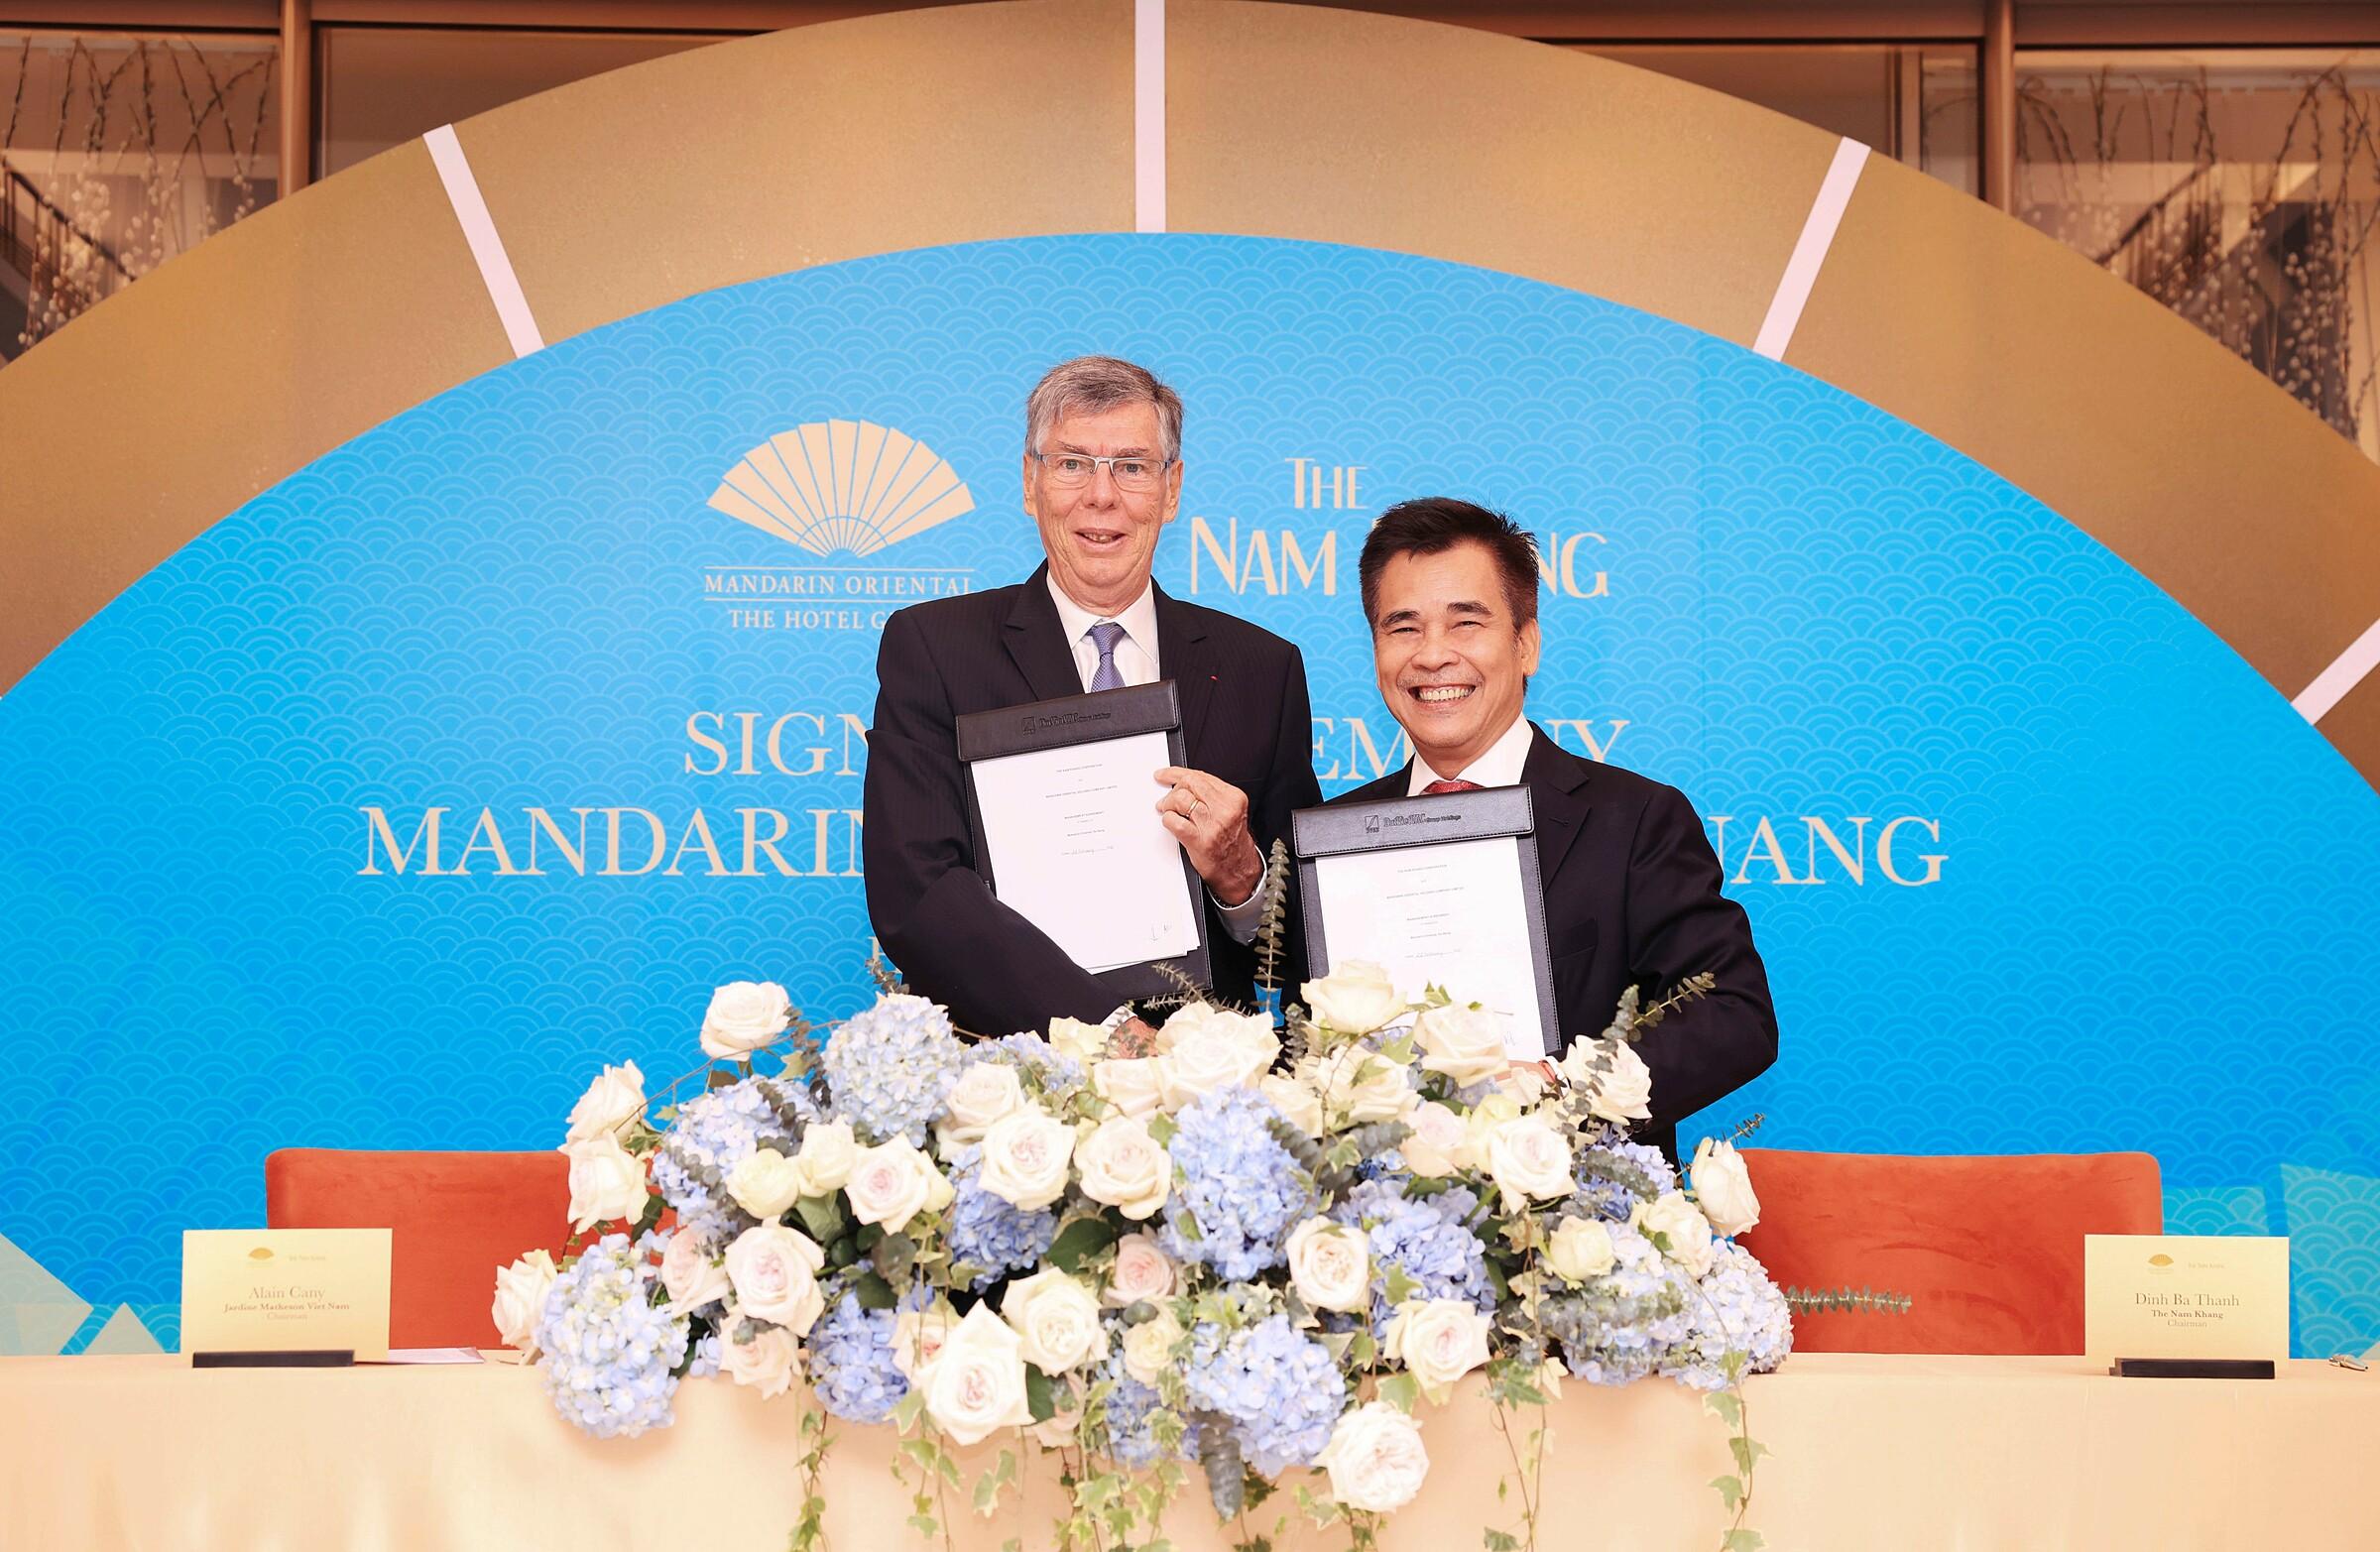 Đại diện Mandarin Oriental Hotel Group và The Nam Khang Corporation tại lễ ký kết hợp tác.